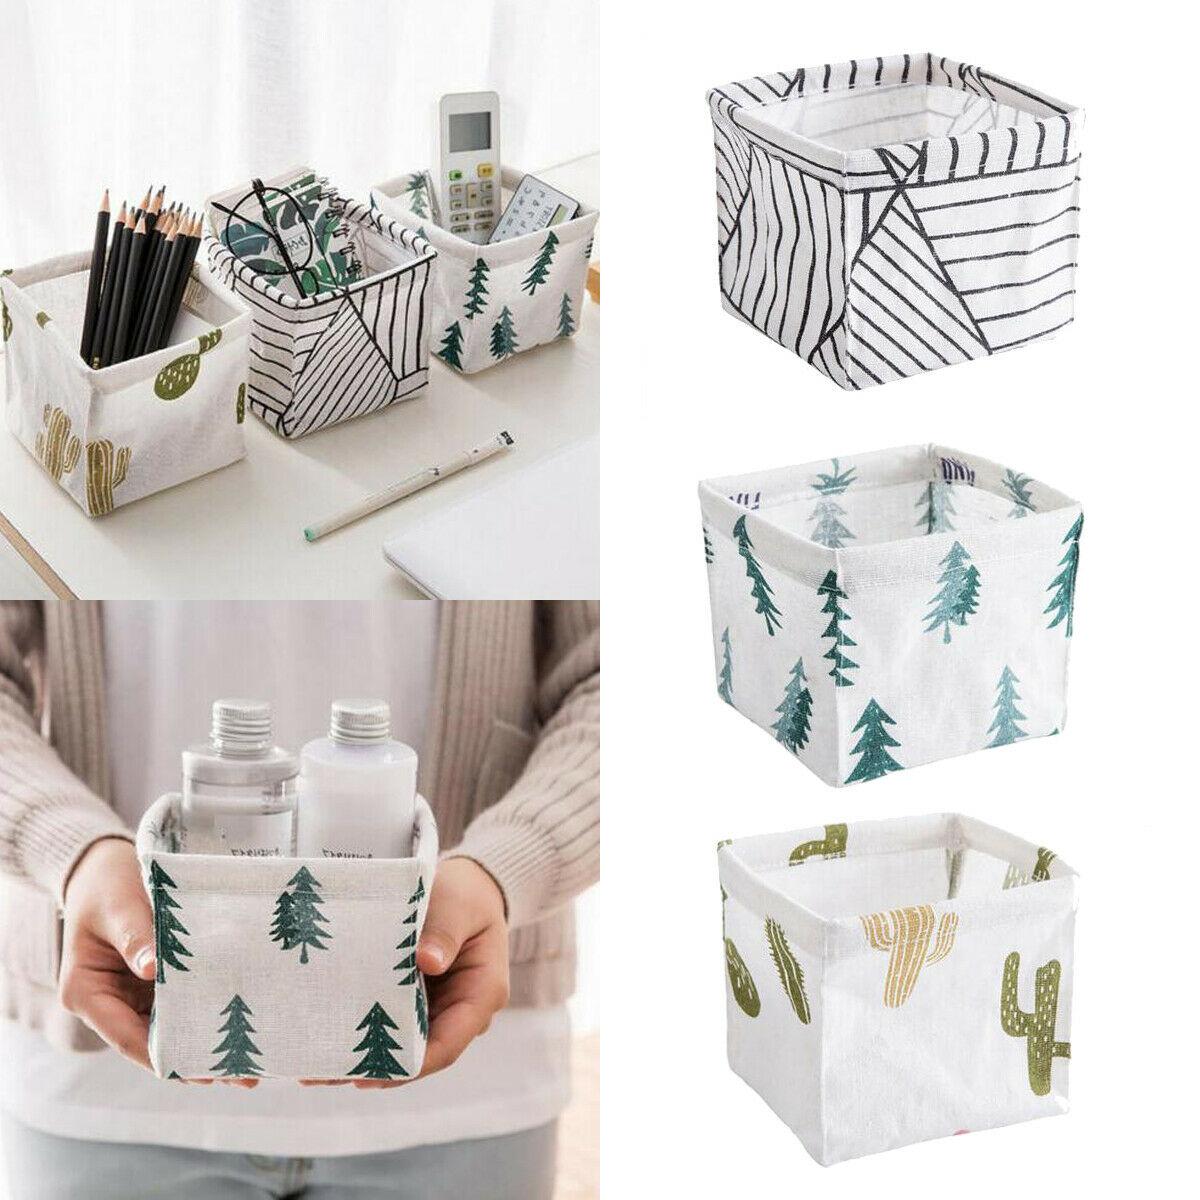 Hot Storage Bin Closet Toy Box Container Organizer Fabric Basket Linen Basket Storage Basket